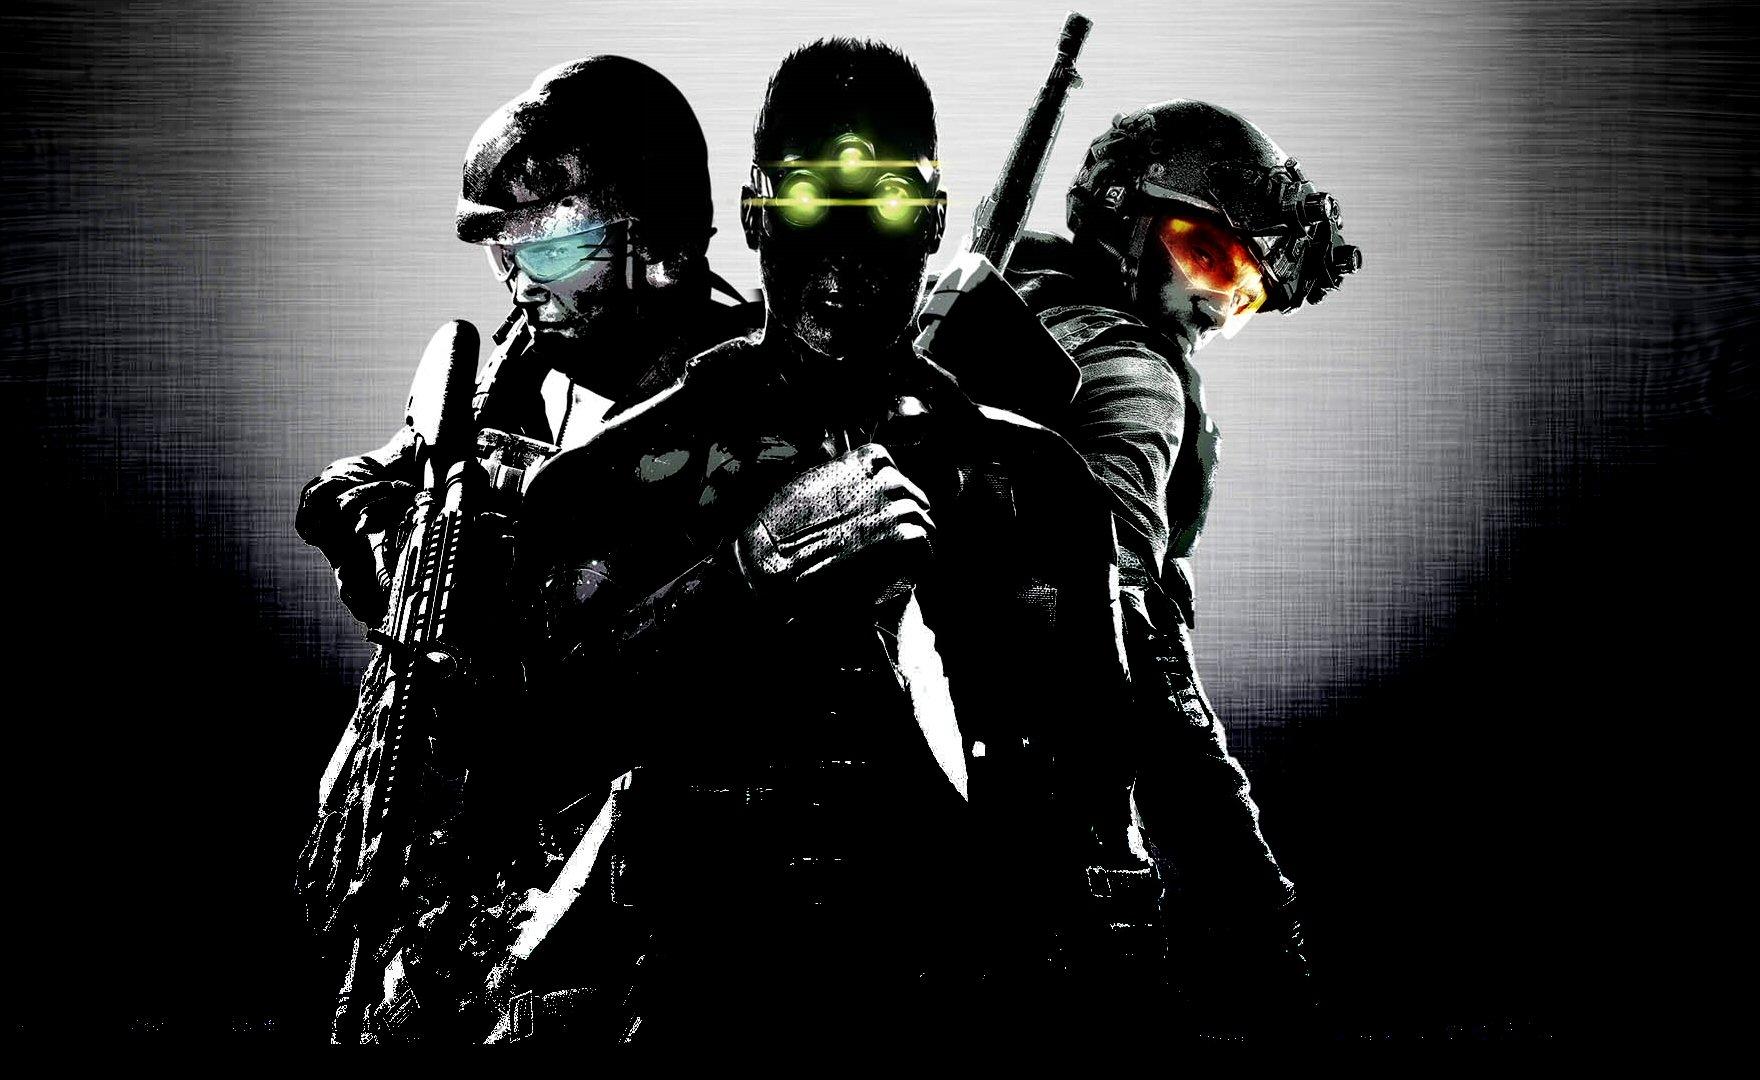 Ubisoft, domani sarà rivelato un nuovo titolo di Tom Clancy